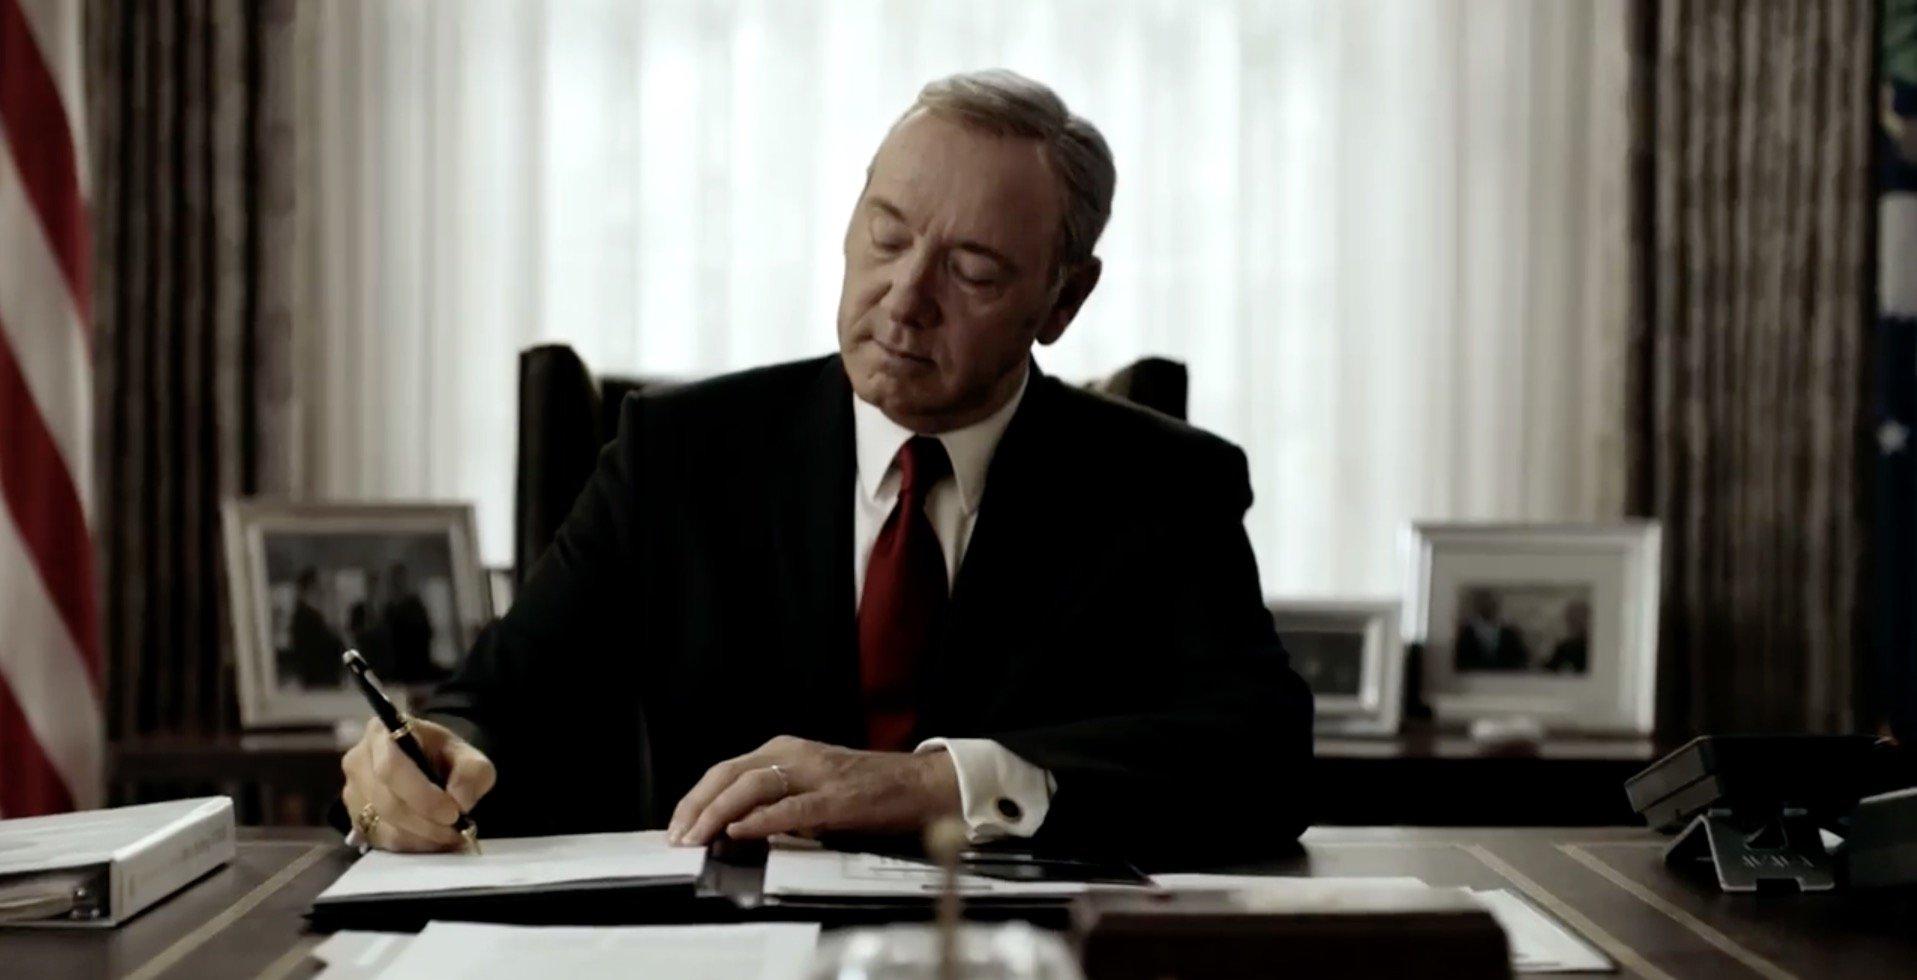 Kevin Spacey como Frank Underwood, vestindo terno e gravata, assinando um documento em seu escritório.